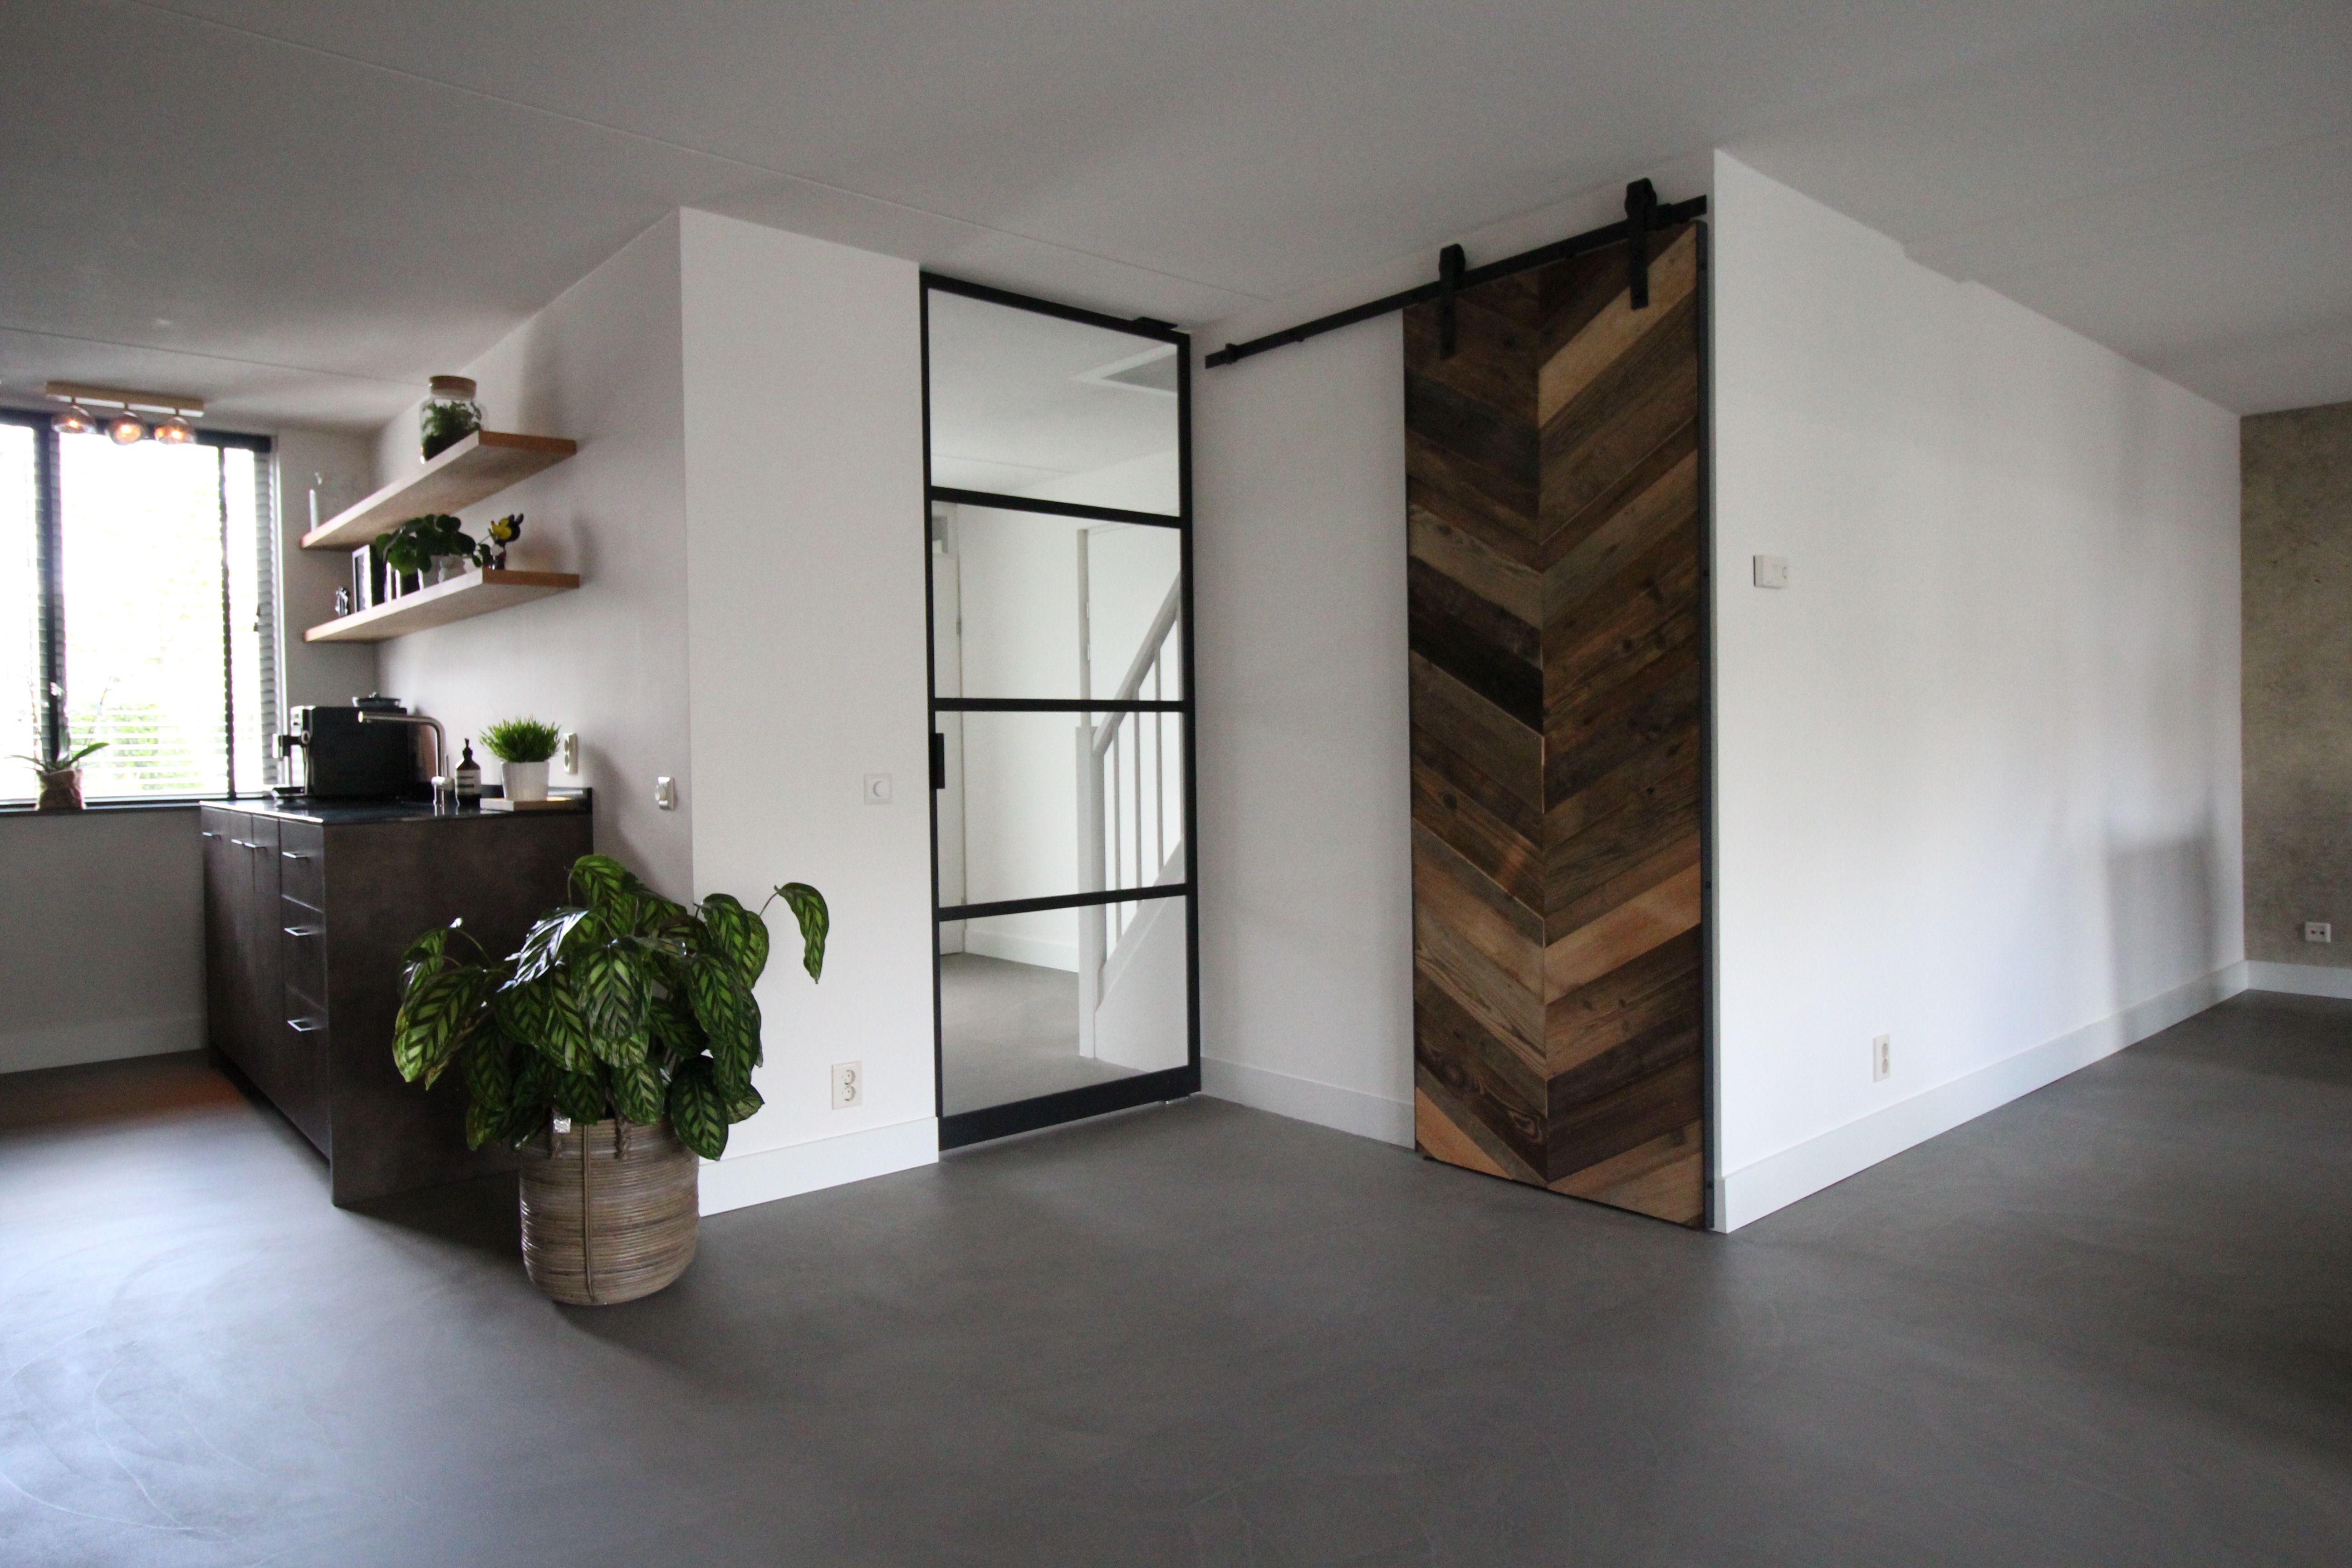 Minimalistische Interieur Inrichting : Minimalistische inrichting met betonlook gietvloer motion